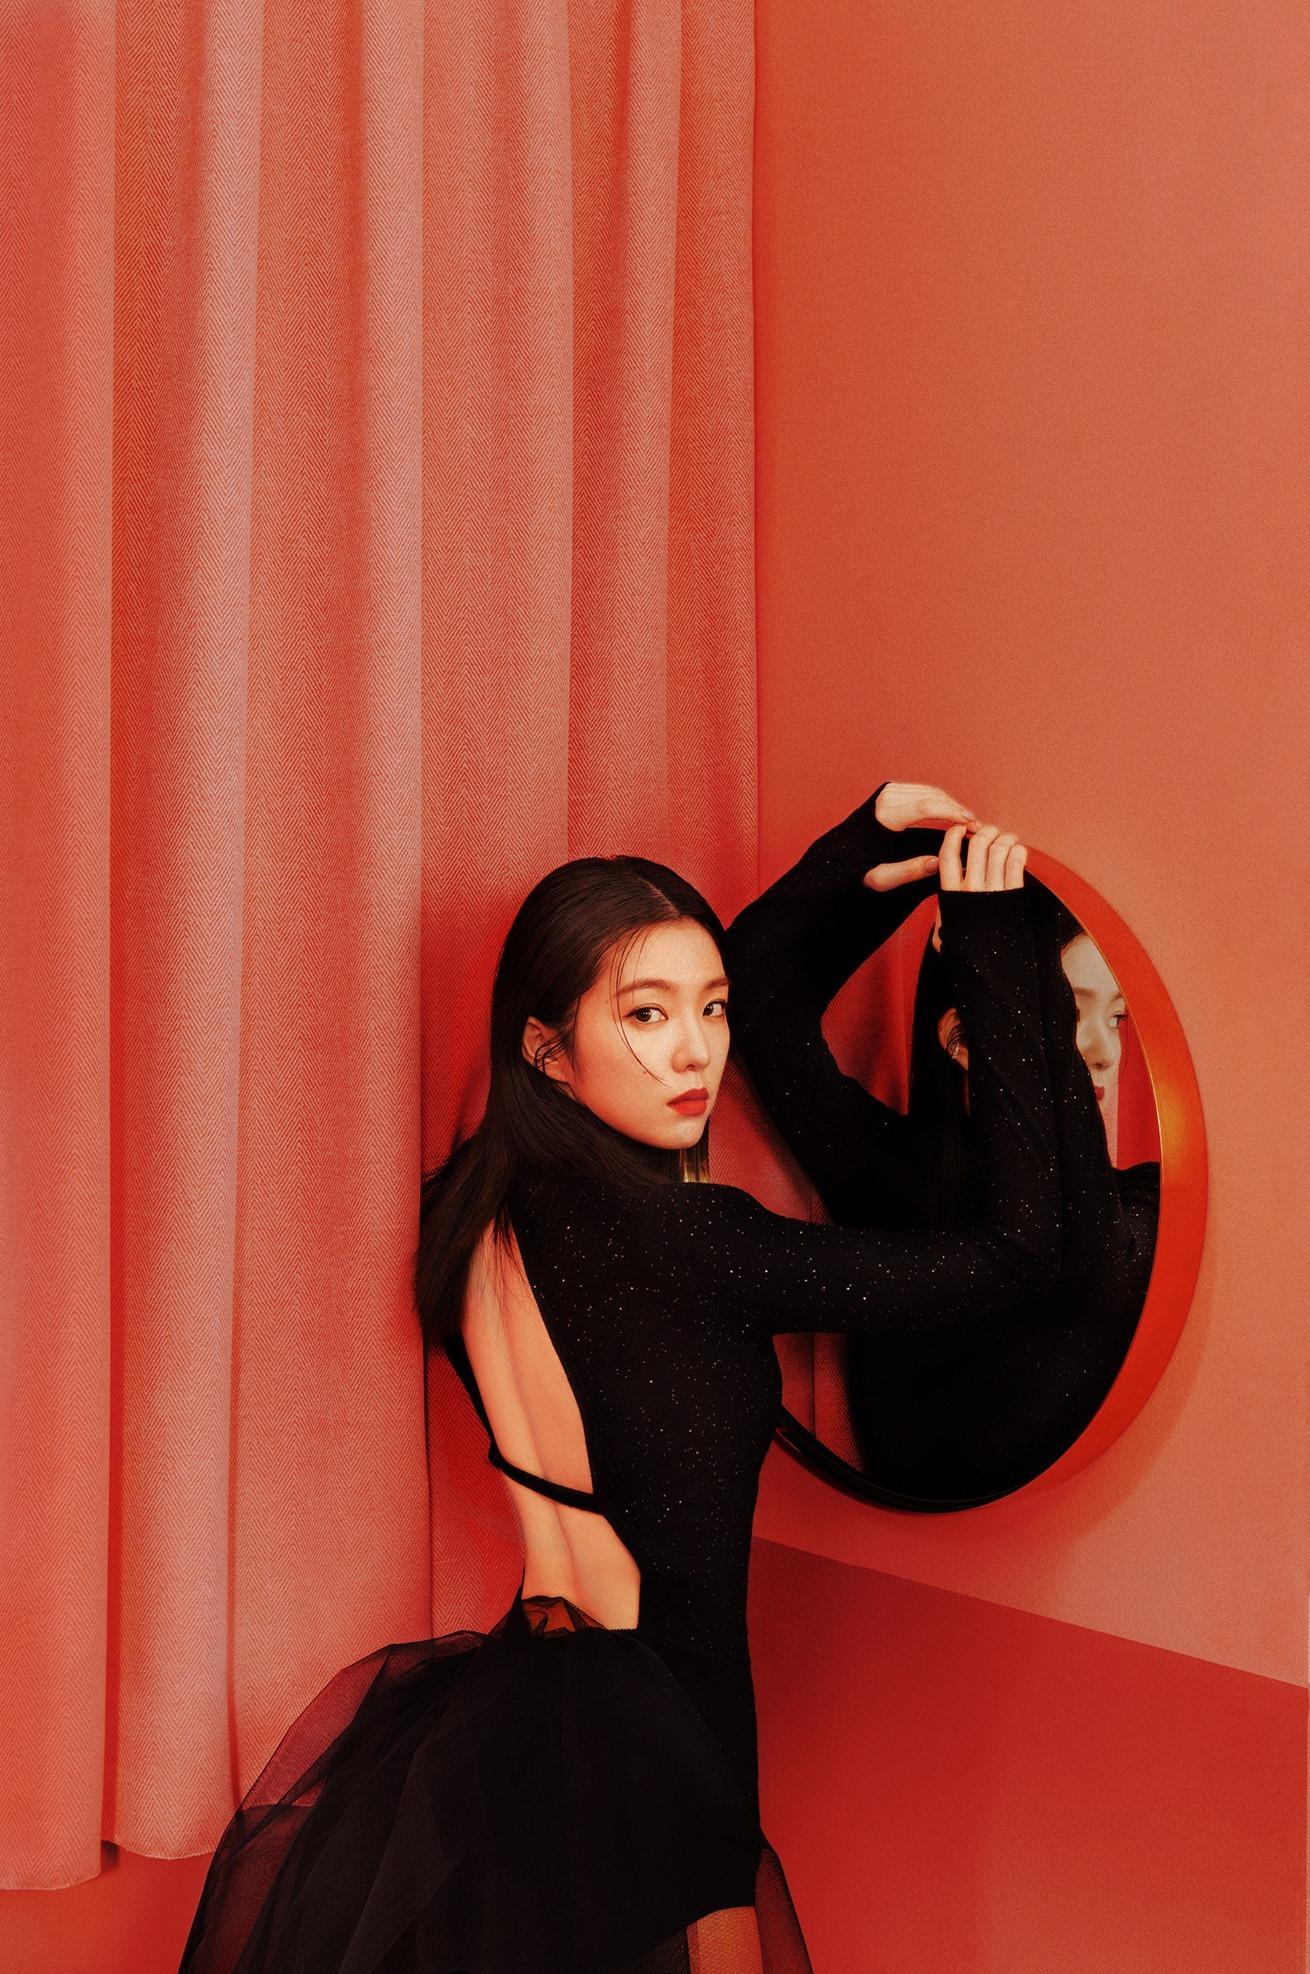 谁会是下一个演技爱豆?2021年这4位韩国偶像首次担任影视剧主演,你看好她们吗?插图5